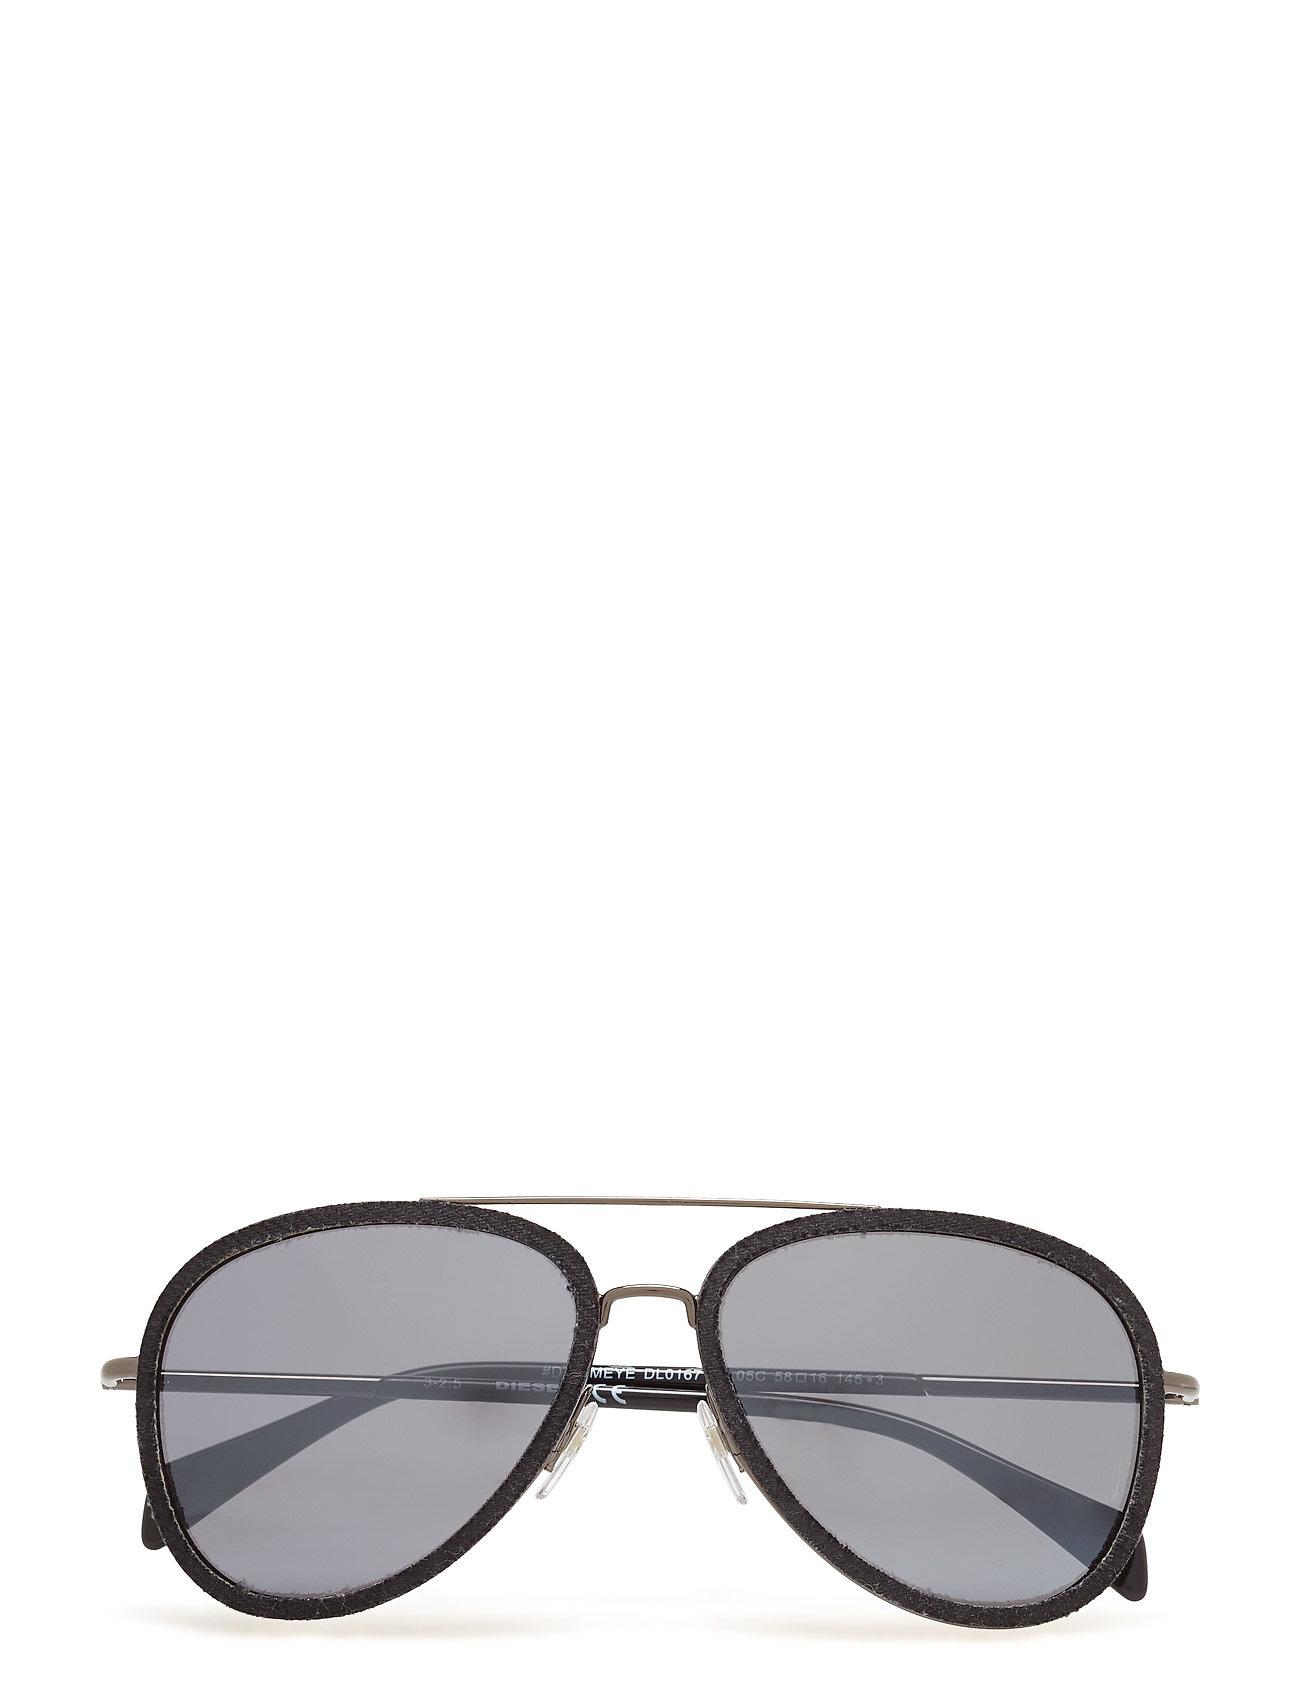 DIESEL Dl0167 Pilotensonnenbrille Sonnenbrille Schwarz DIESEL